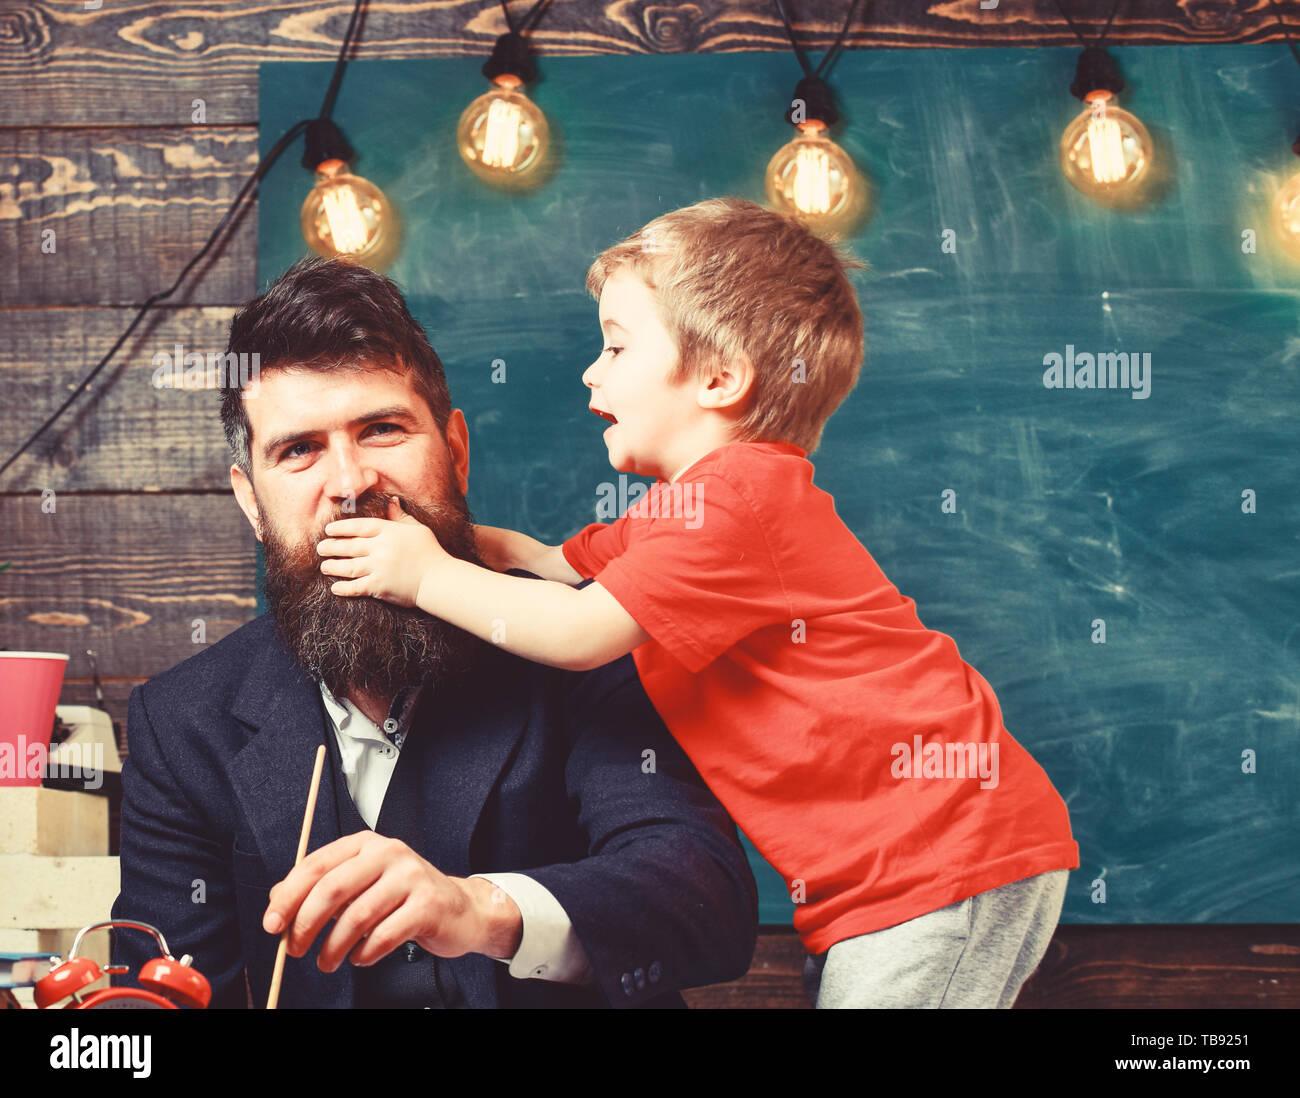 Concept de la petite enfance. Père Fils tandis que la peinture est le distraire. Petit enfant tenant la main sur la bouche de papa. Banque D'Images